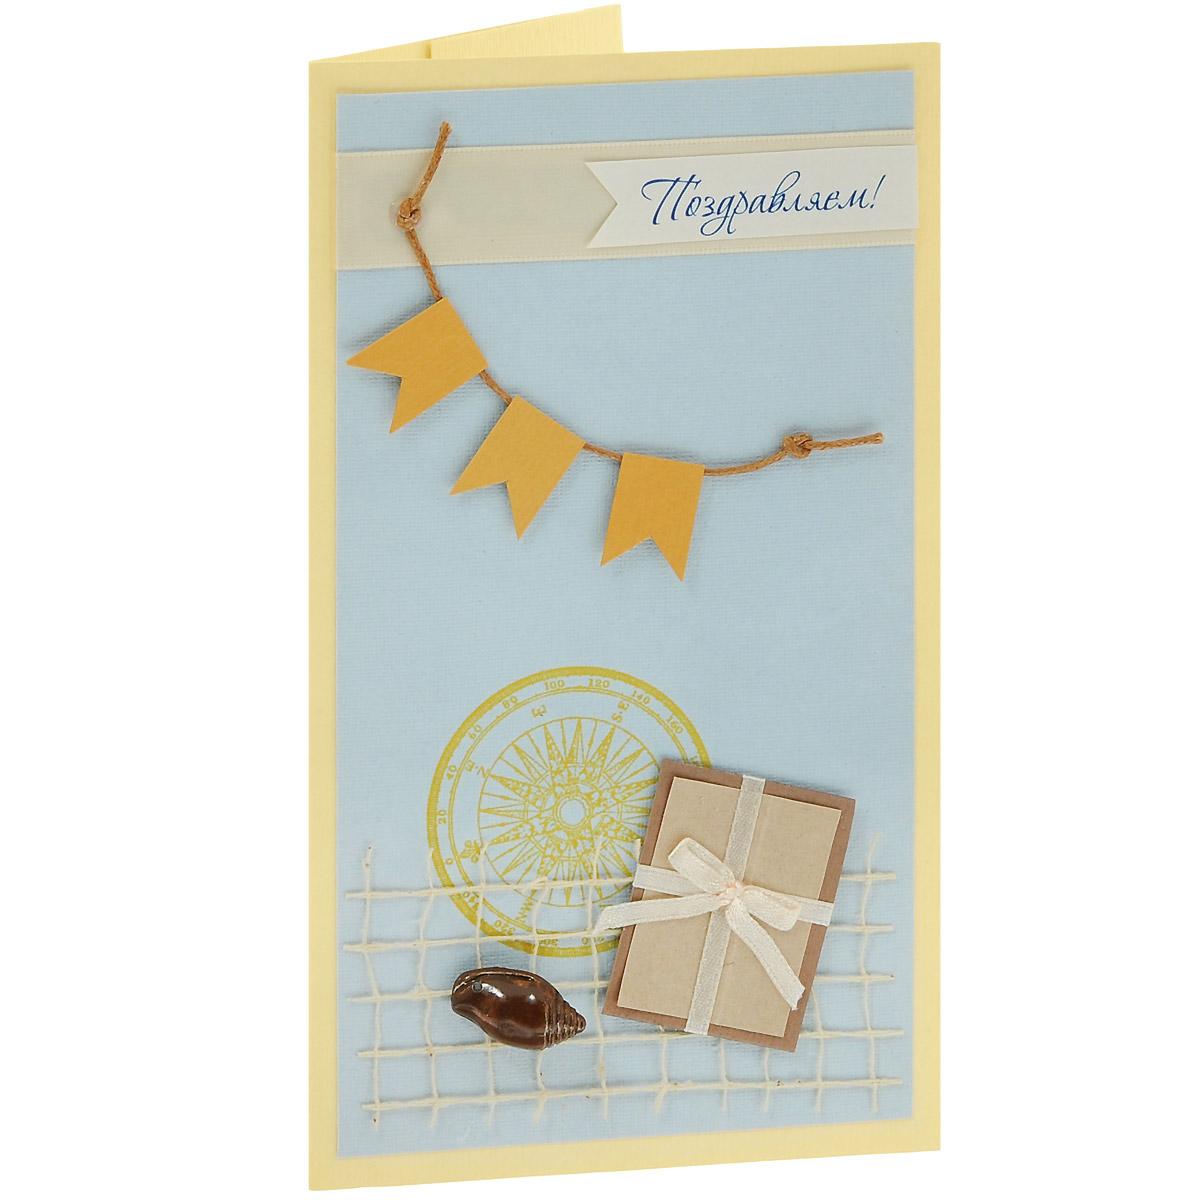 ОМ-0007 Открытка-конверт «Поздравляю!» Студия «Тётя Роза»U0498-191-GC1Характеристики: Размер 19 см x 11 см.Материал: Высоко-художественный картон, бумага, декор. Данная открытка может стать как прекрасным дополнением к вашему подарку, так и самостоятельным подарком. Так как открытка является и конвертом, в который вы можете вложить ваш денежный подарок или просто написать ваши пожелания на вкладыше. Серо-бежевая открытка, легкаяи сдержанная. В дизайне использованы атласные ленты и сетка, вощеный шнур, пуговицы и ракушки. Также открытка упакована в пакетик для сохранности.Обращаем Ваше внимание на то, что открытка может незначительно отличаться от представленной на фото.Открытки ручной работы от студии Тётя Роза отличаются своим неповторимым и ярким стилем. Каждая уникальна и выполнена вручную мастерами студии. (Открытка для мужчин, открытка для женщины, открытка на день рождения, открытка с днем свадьбы, открытка винтаж, открытка с юбилеем, открытка на все случаи, скрапбукинг)